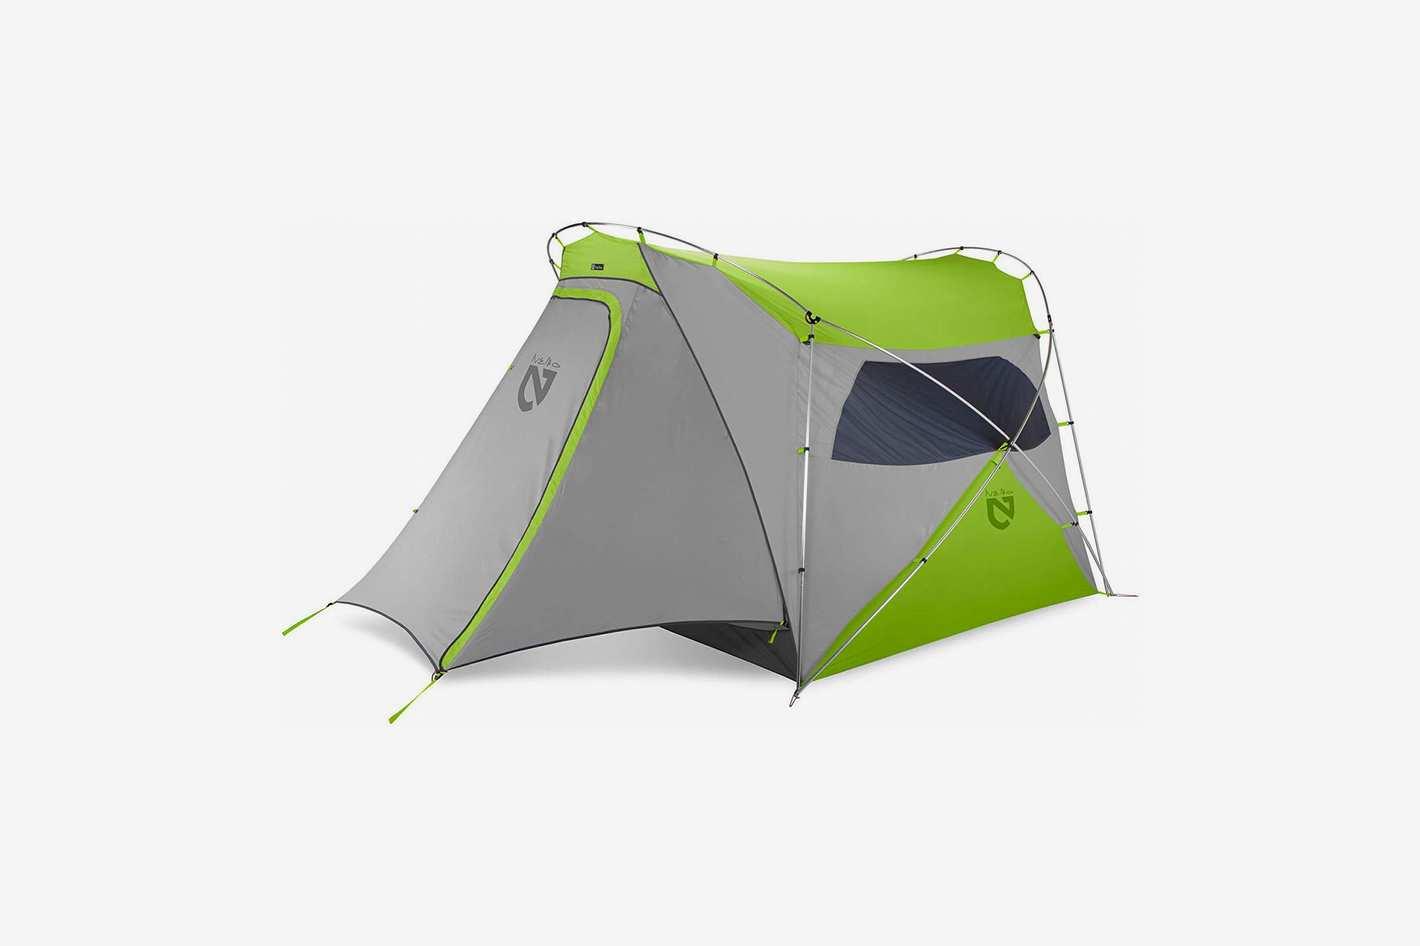 Nemo Wagontop 4P Tent